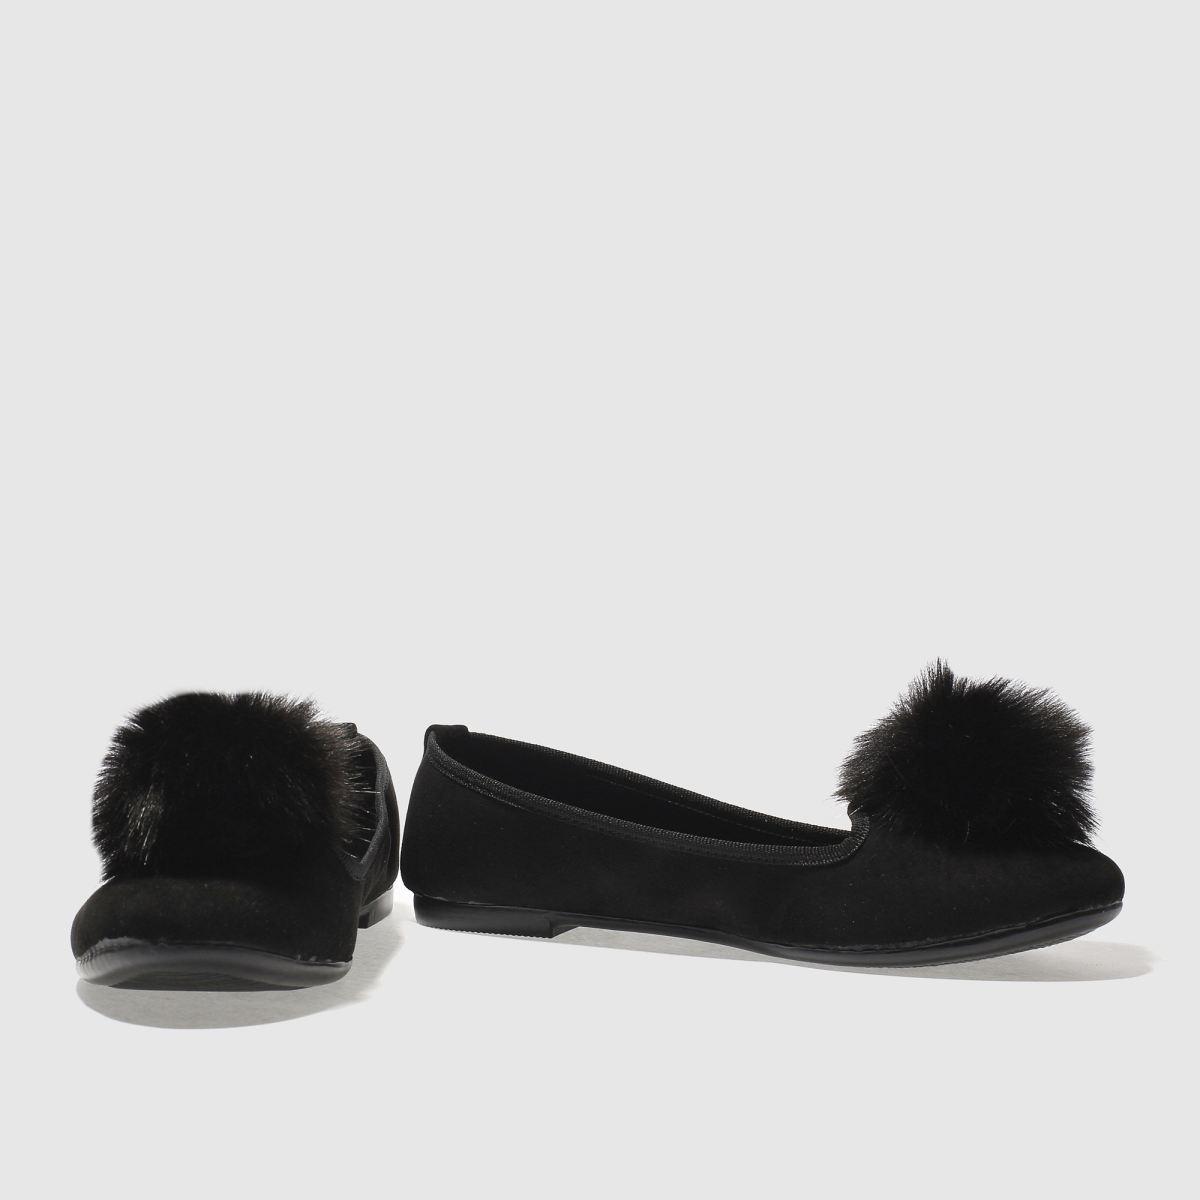 Damen schuh Schwarz schuh Prima Flats   schuh Damen Gute Qualität beliebte Schuhe 863494